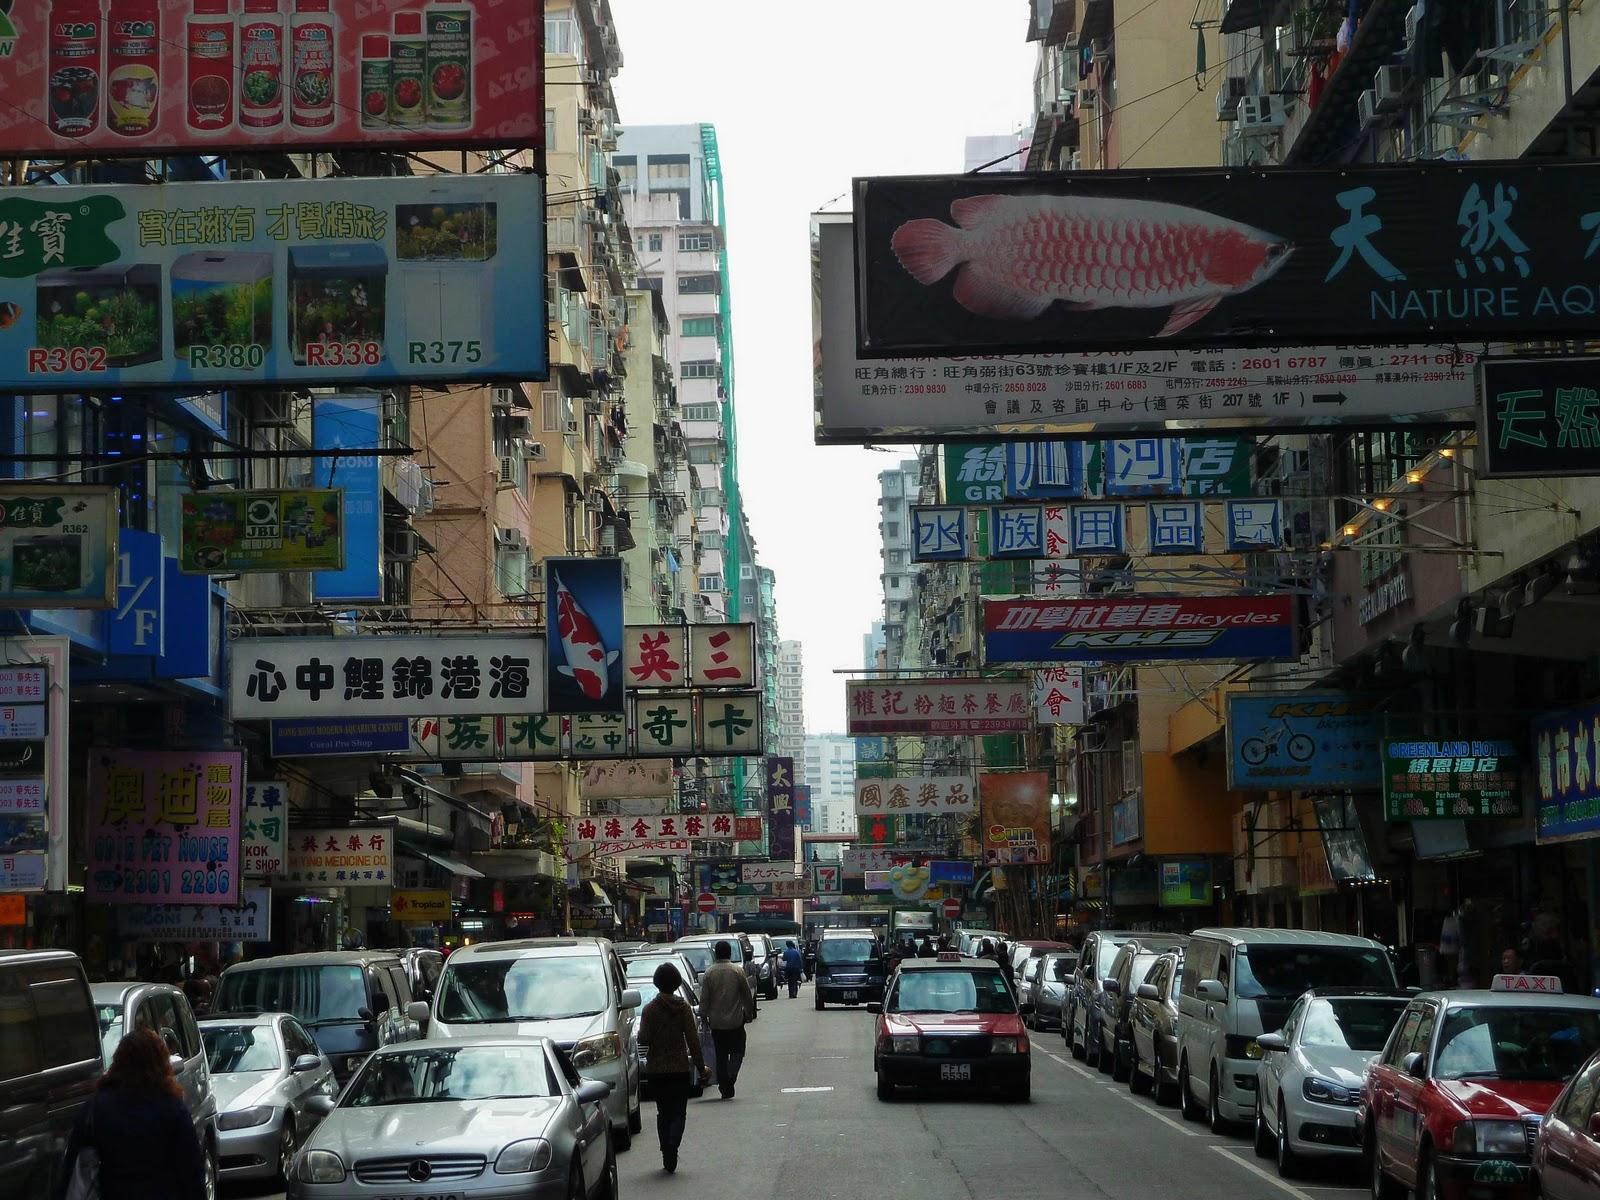 komischer anruf aus hongkong